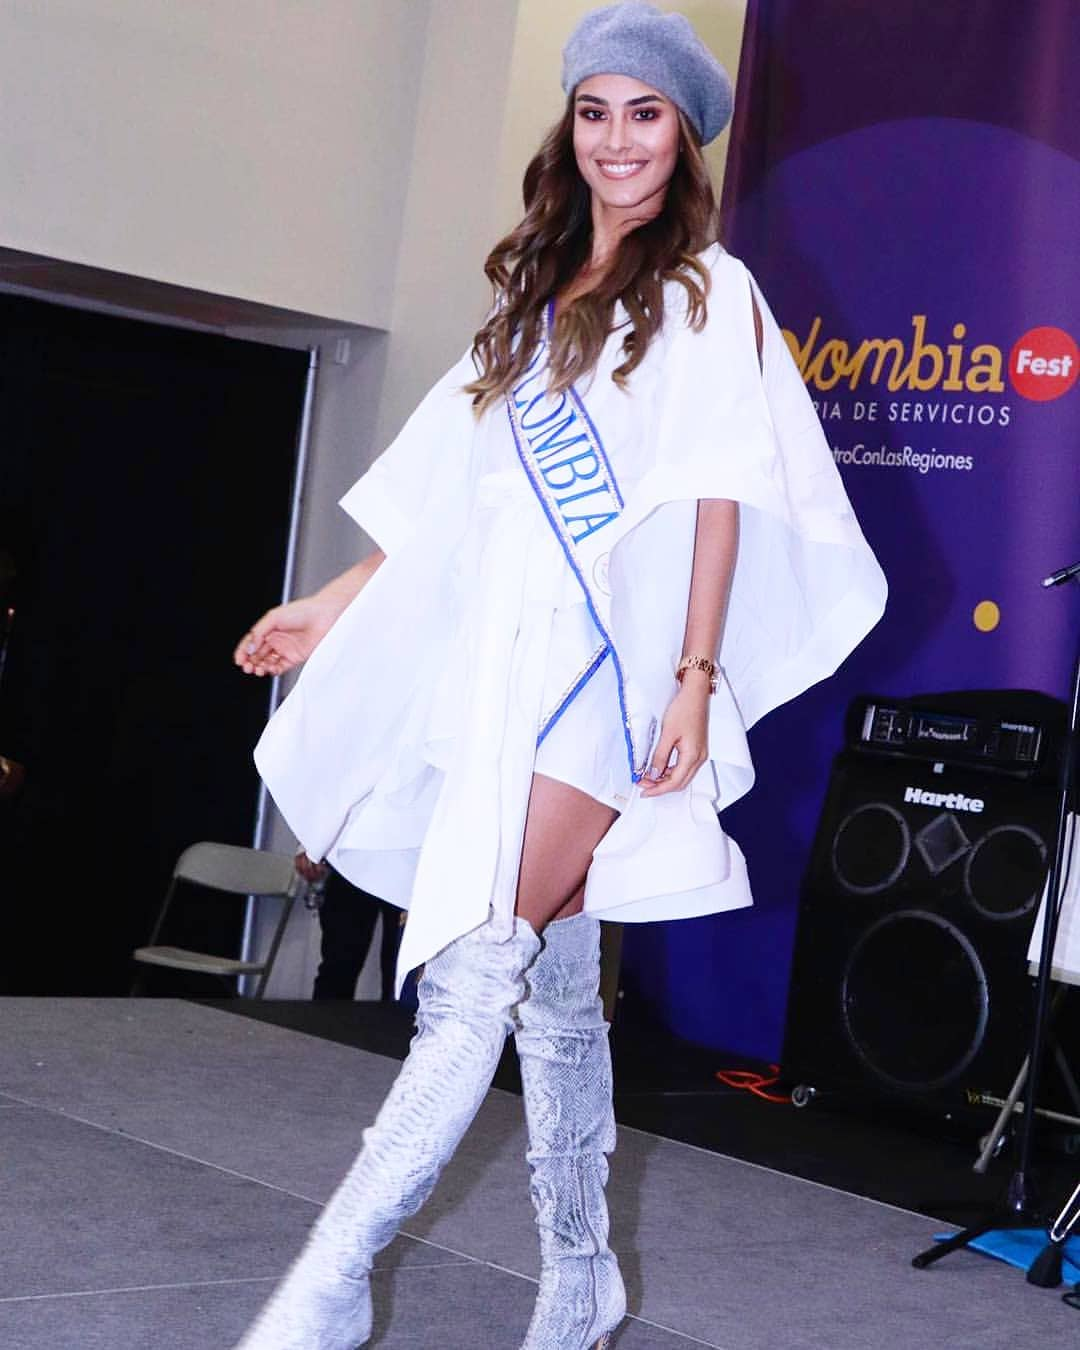 valeria morales, miss colombia universo 2018. - Página 5 43302211